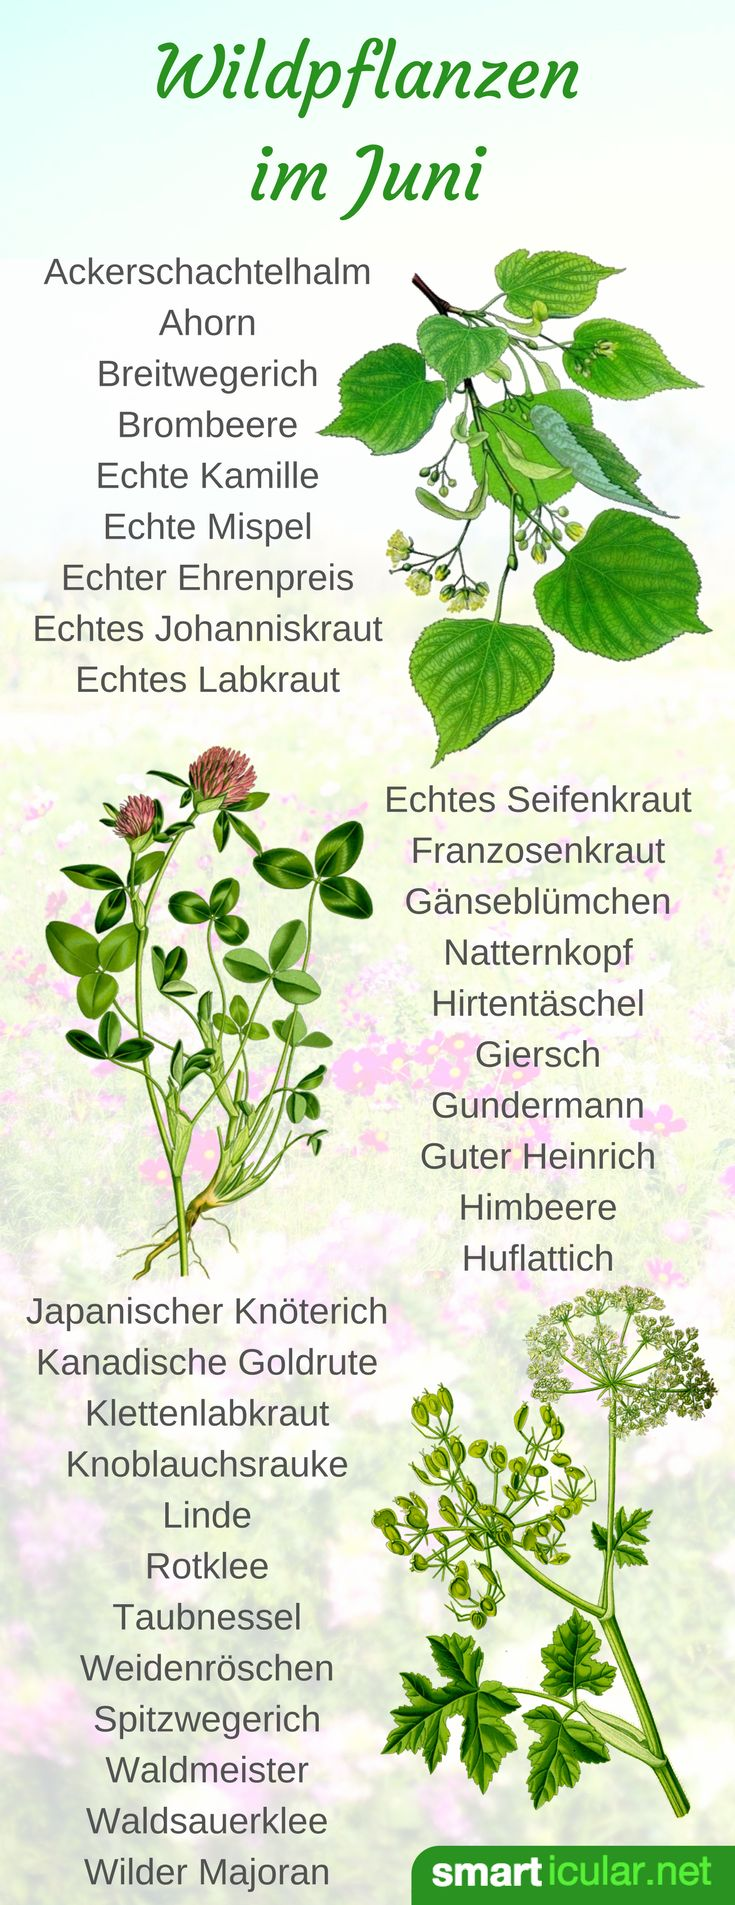 25 trendige einheimische pflanzen ideen auf pinterest einheimische pflanzen kalifornien - Einheimische pflanzen im garten ...